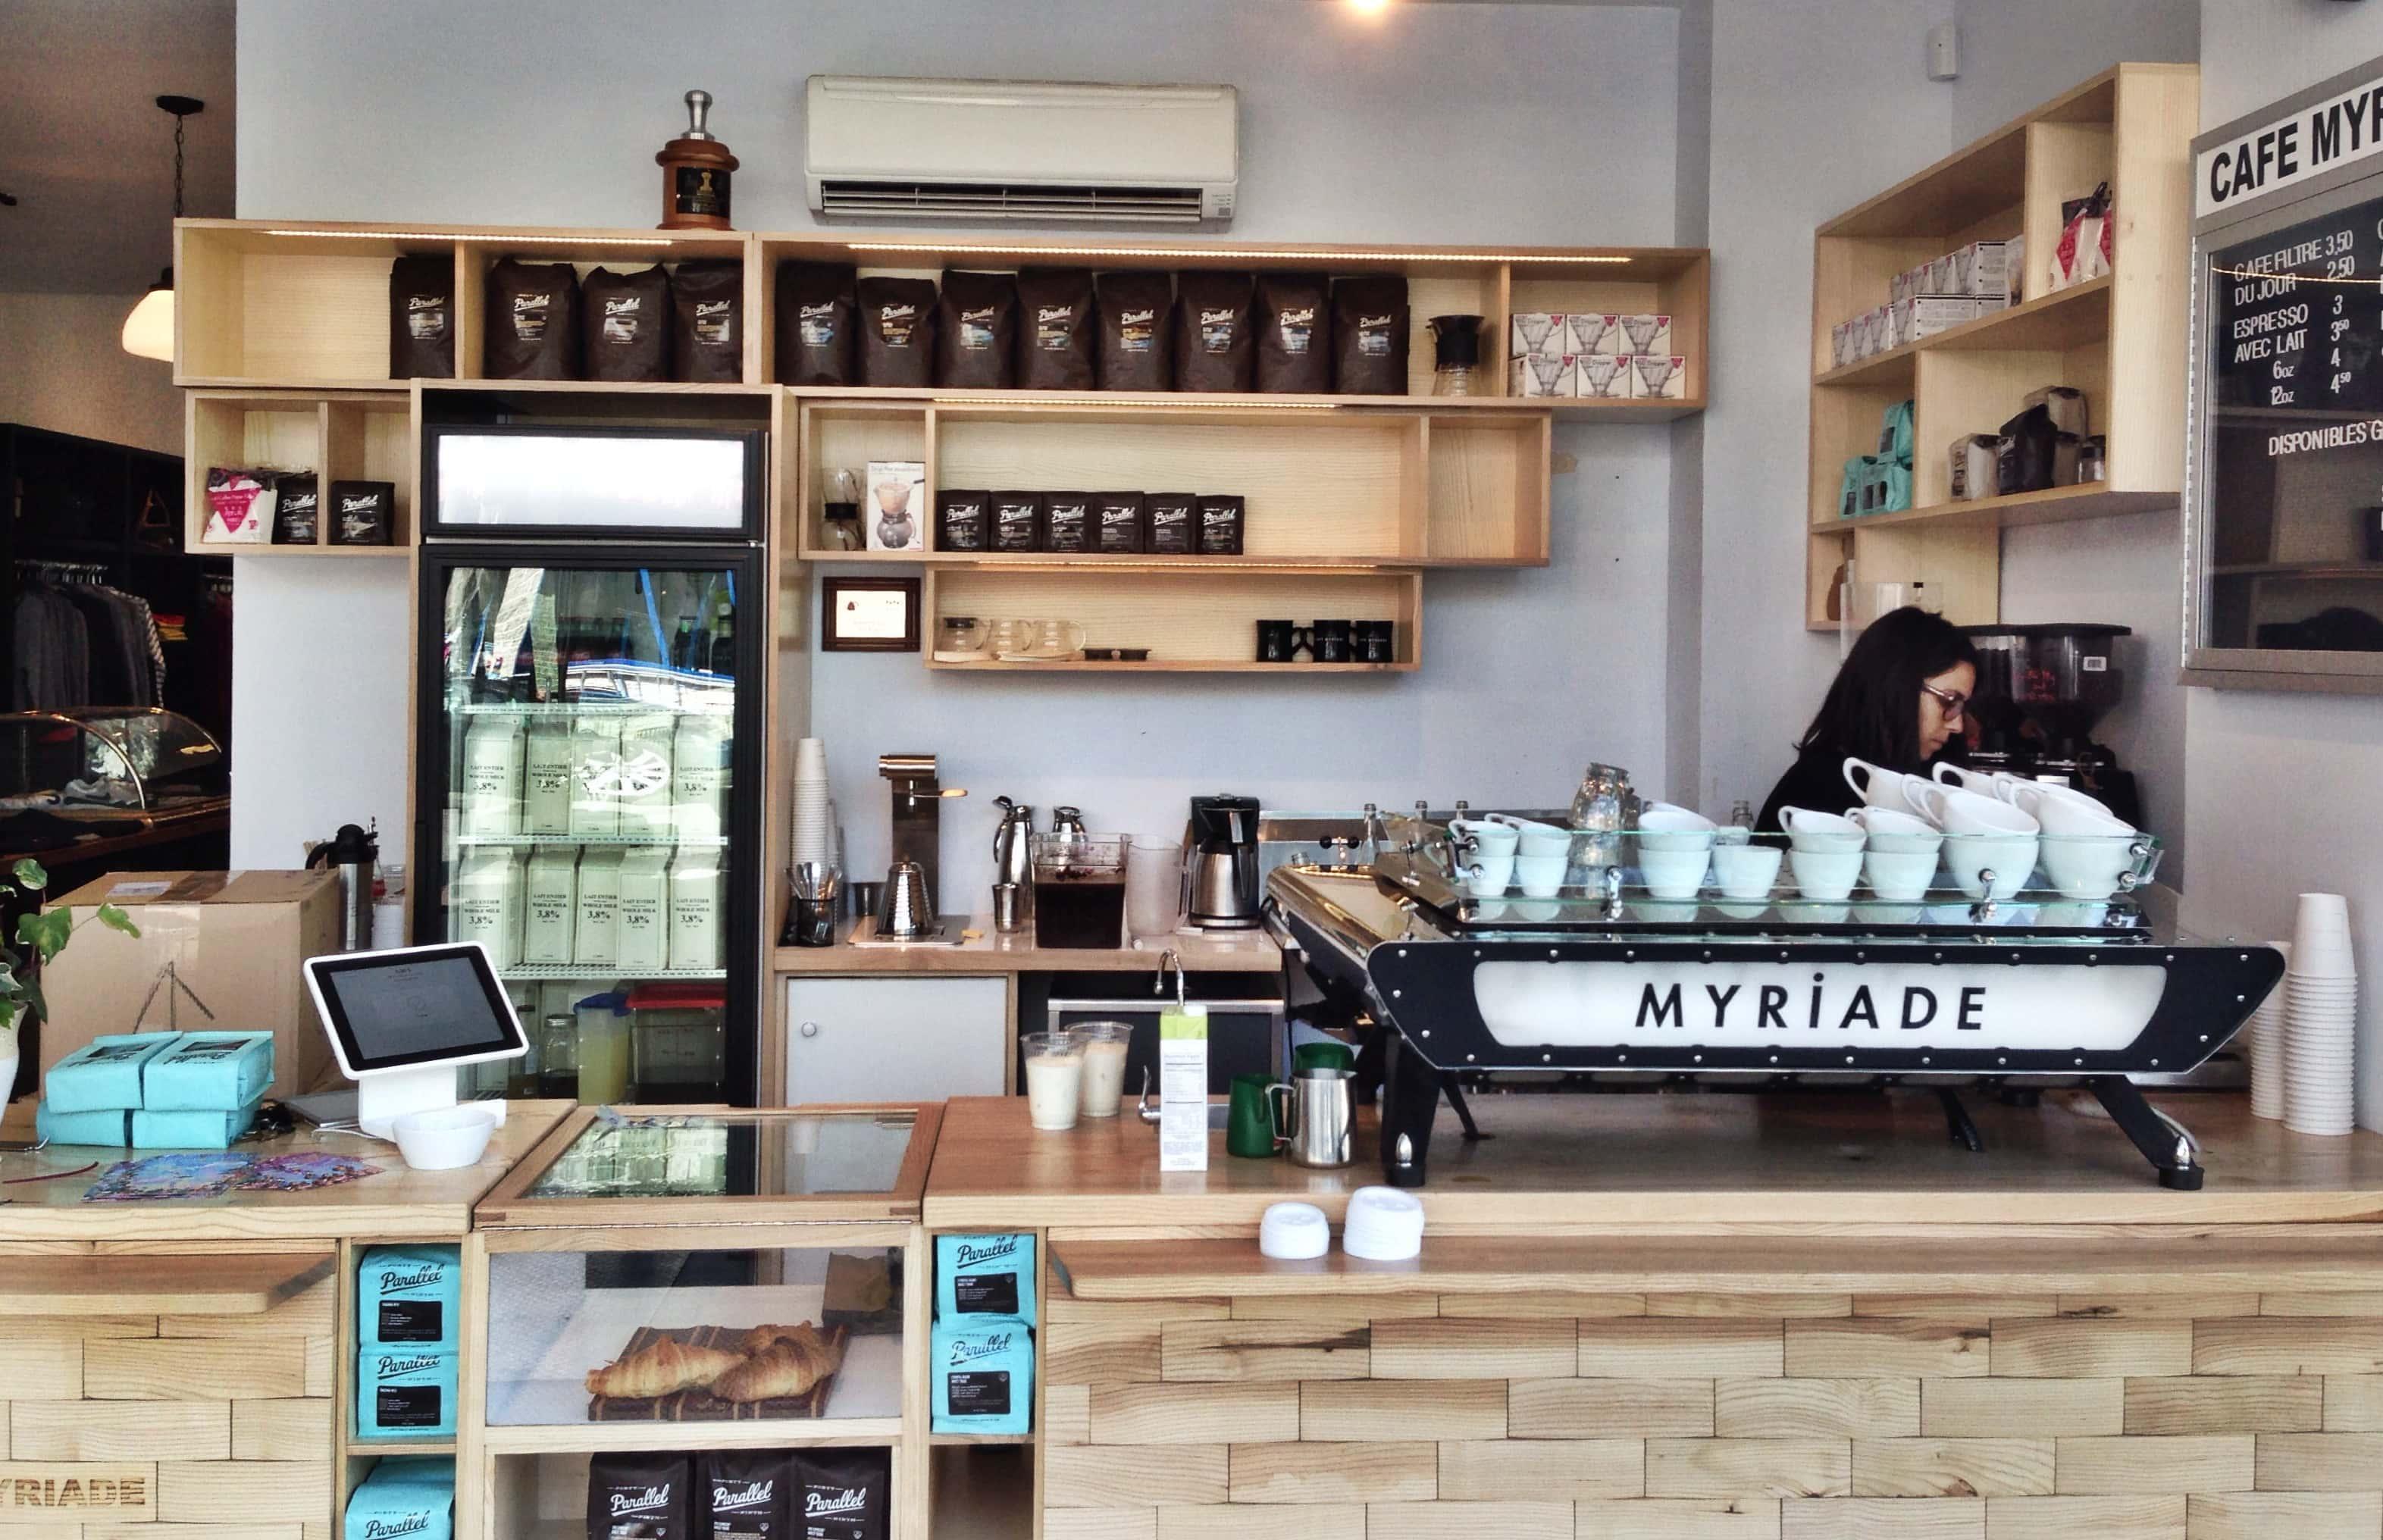 Myriade-cafe